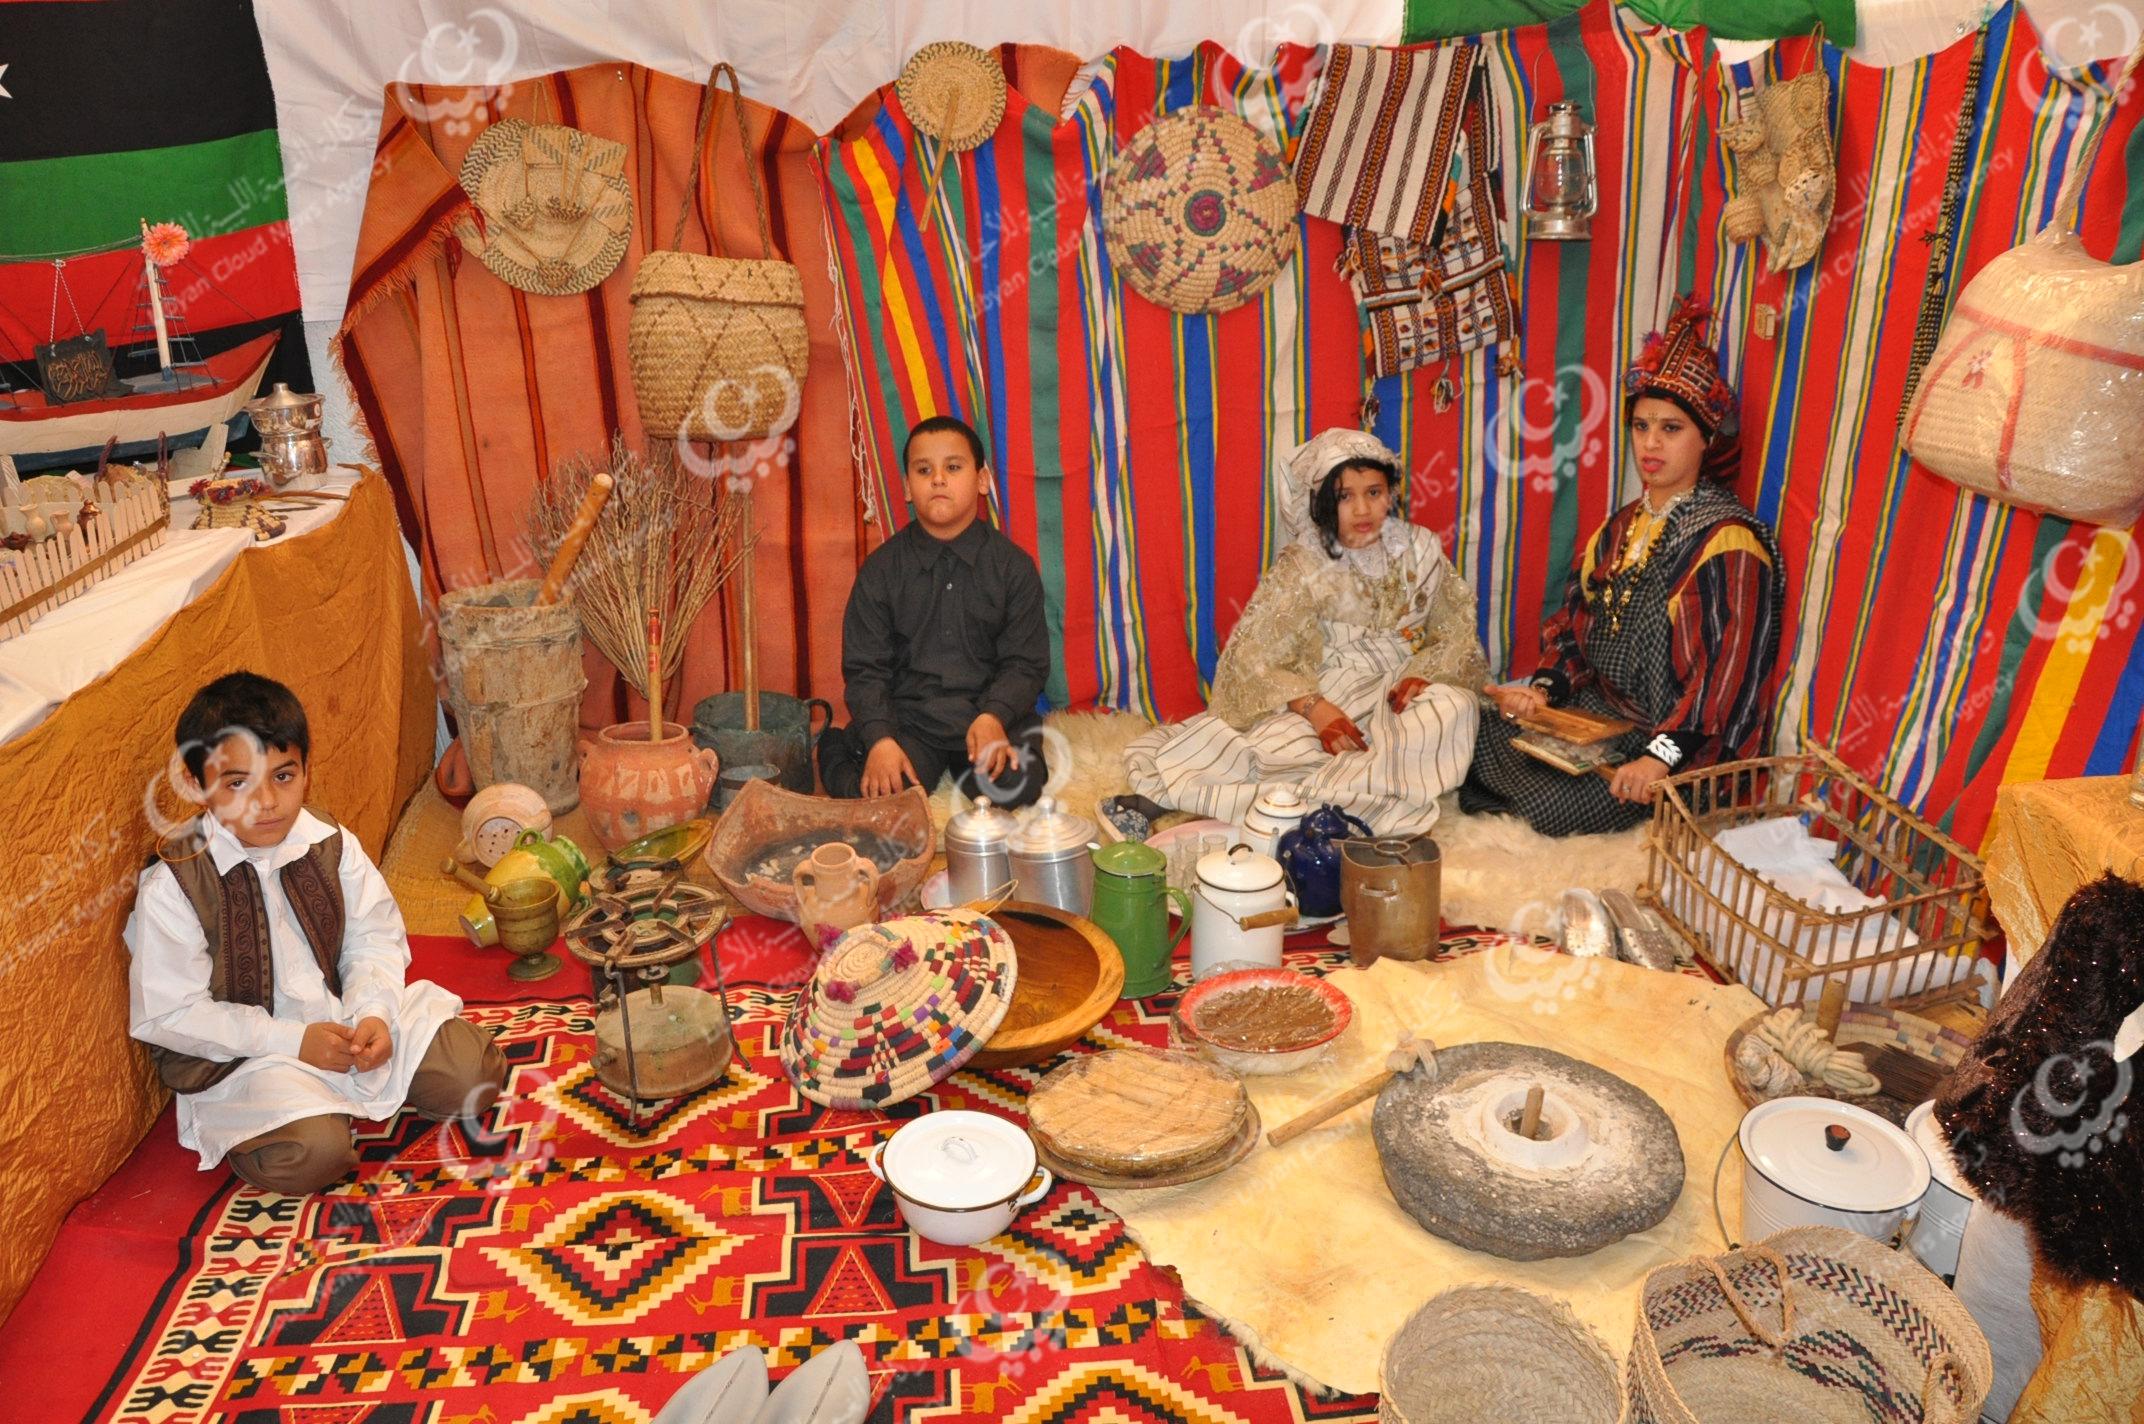 معرض لمنتجات لذوي الإحتياجات الخاصة بمصراته